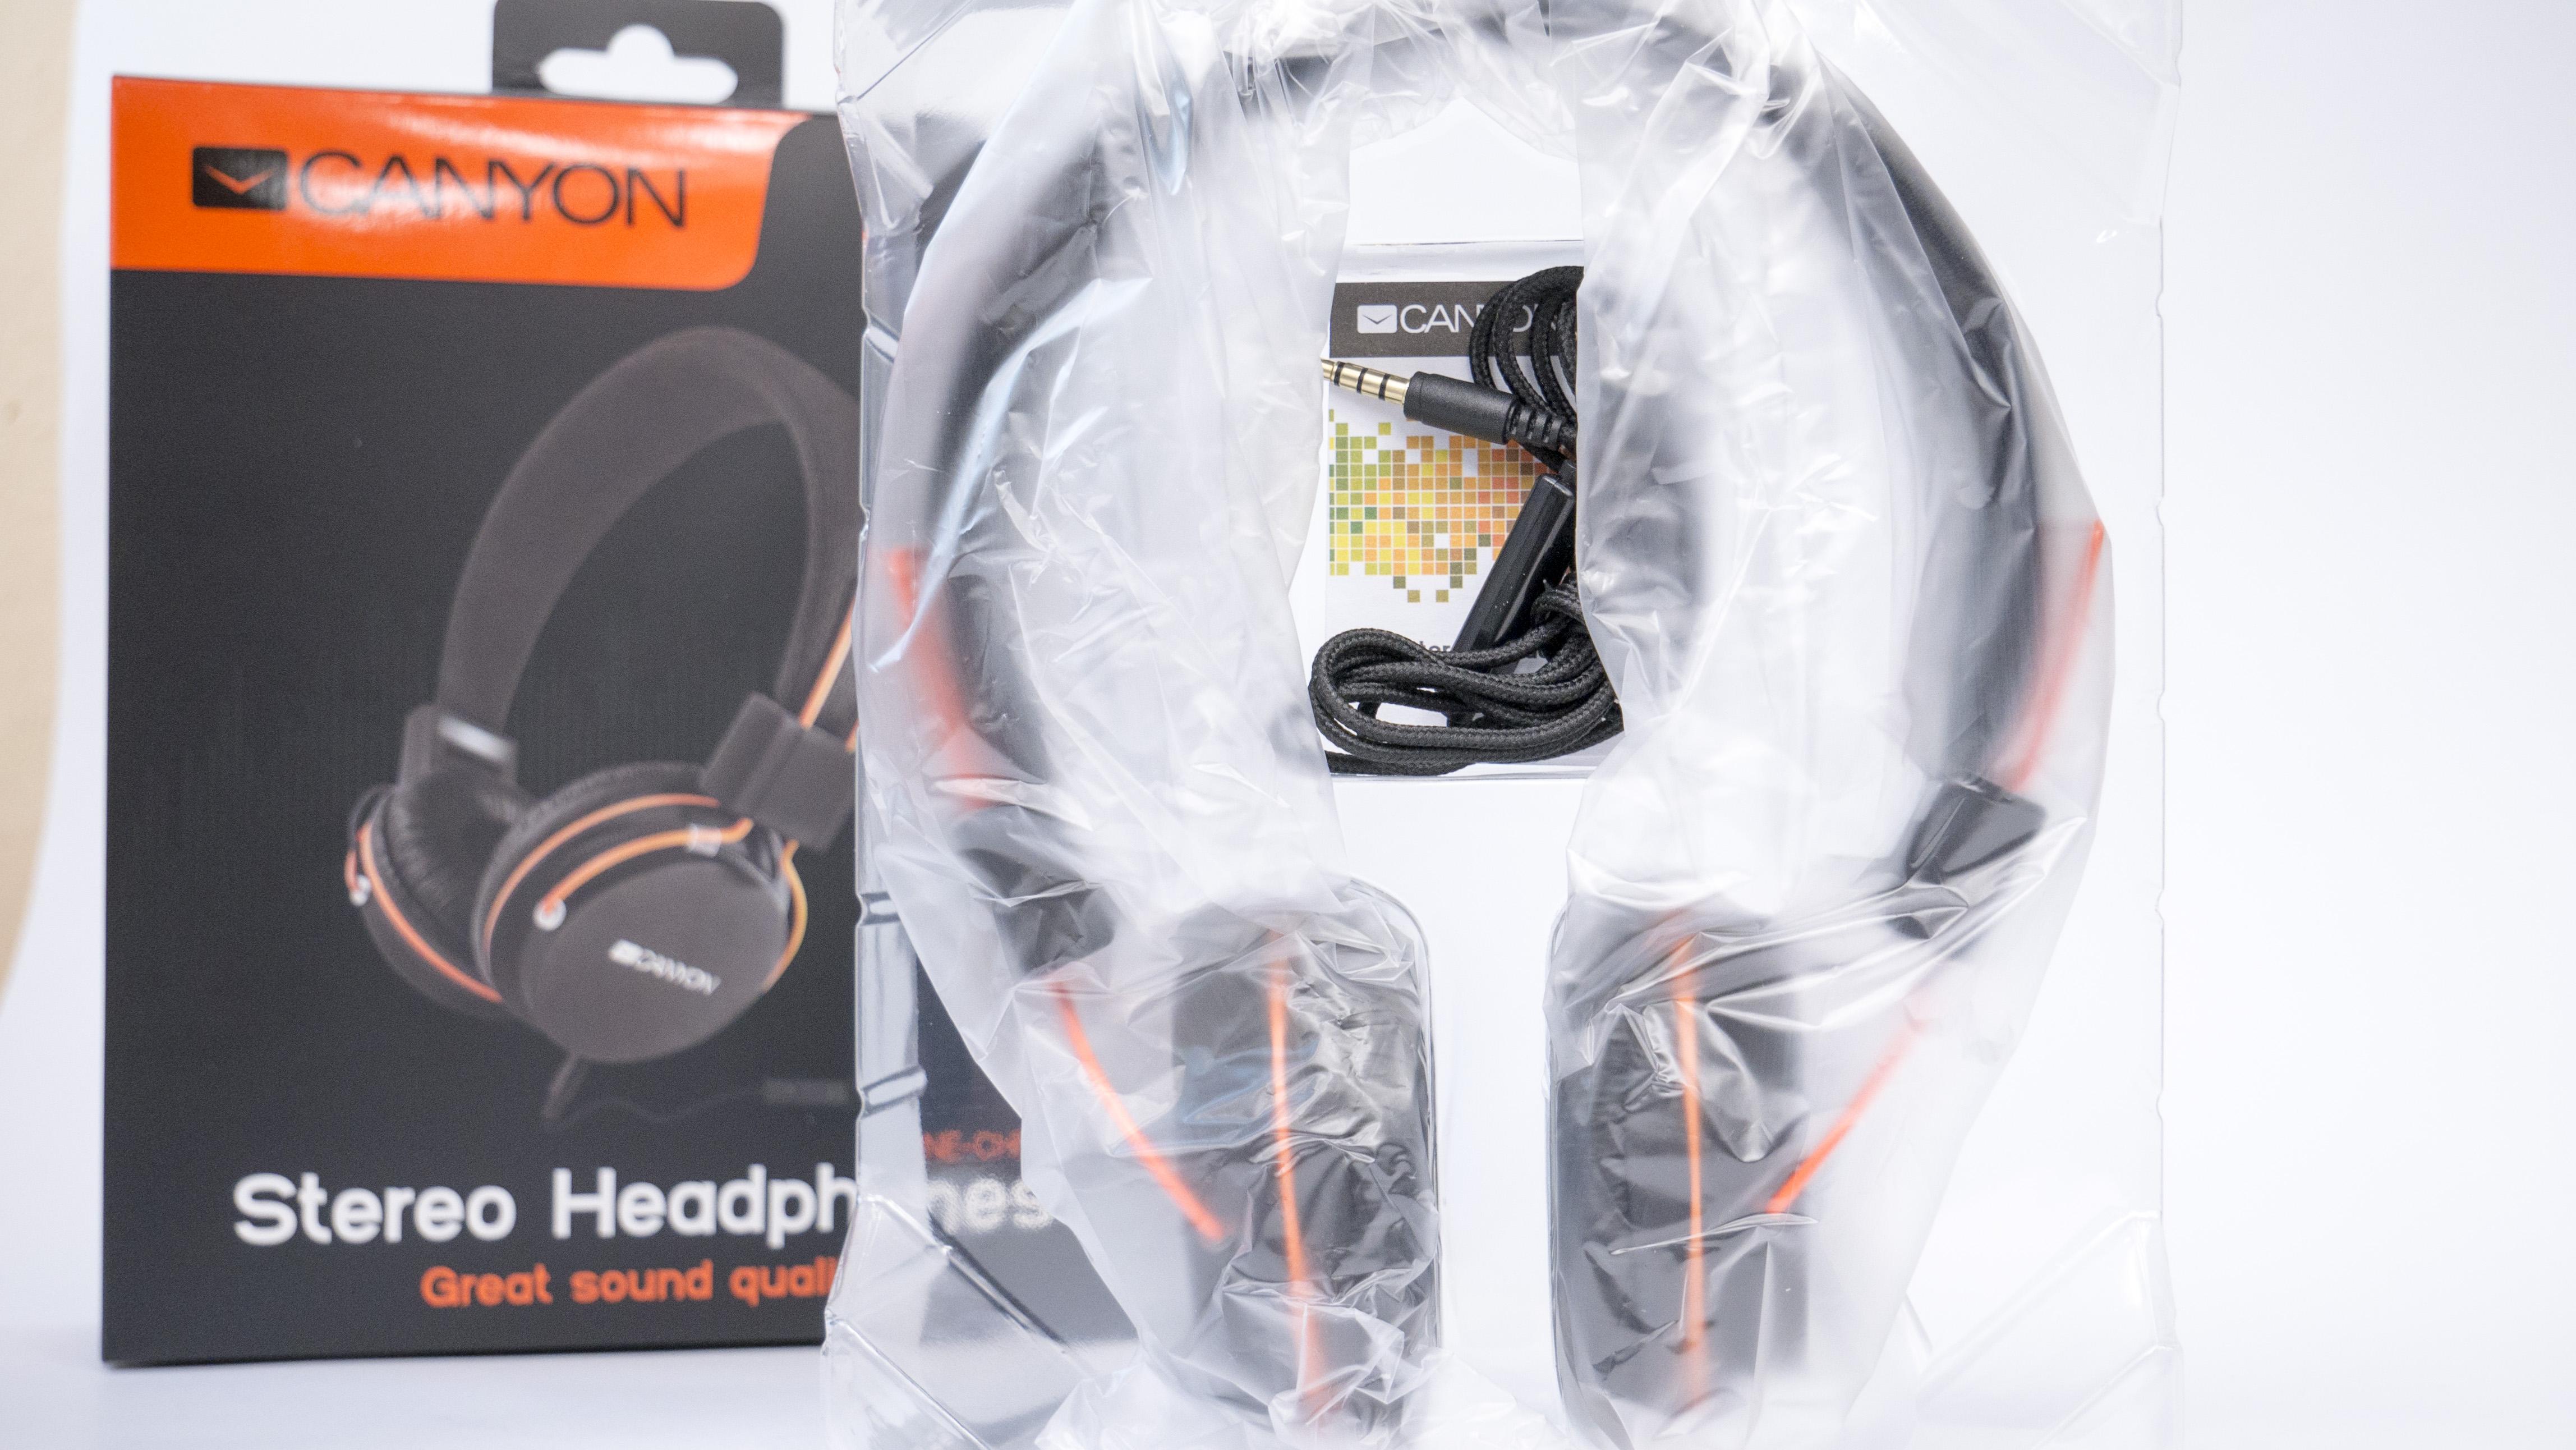 canyon слушалки - опаковка